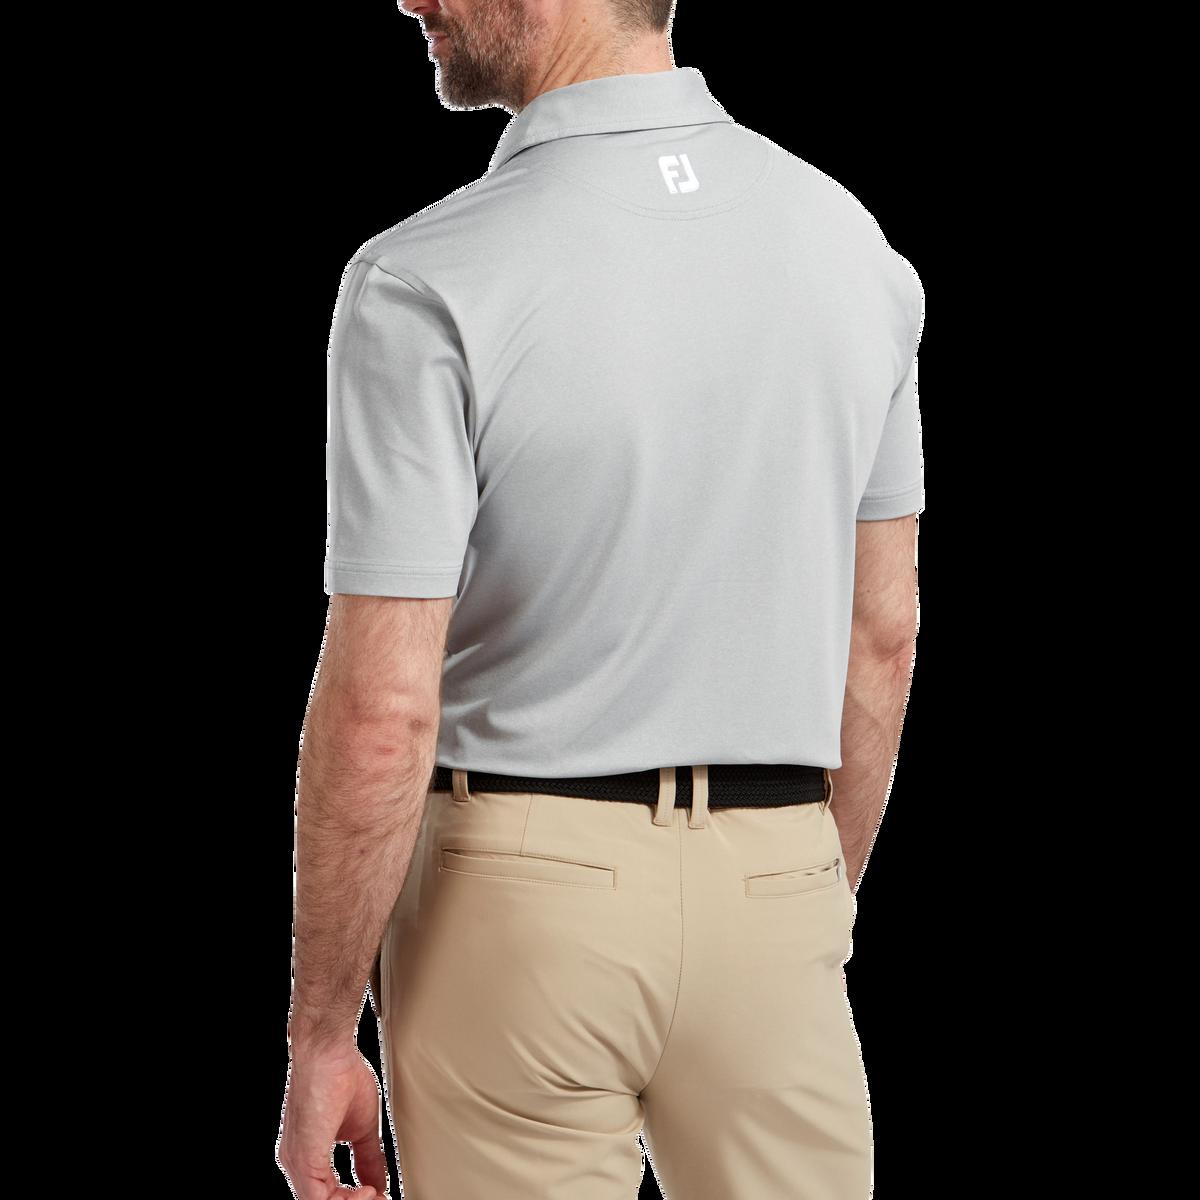 Jersey mit Bruststreifen